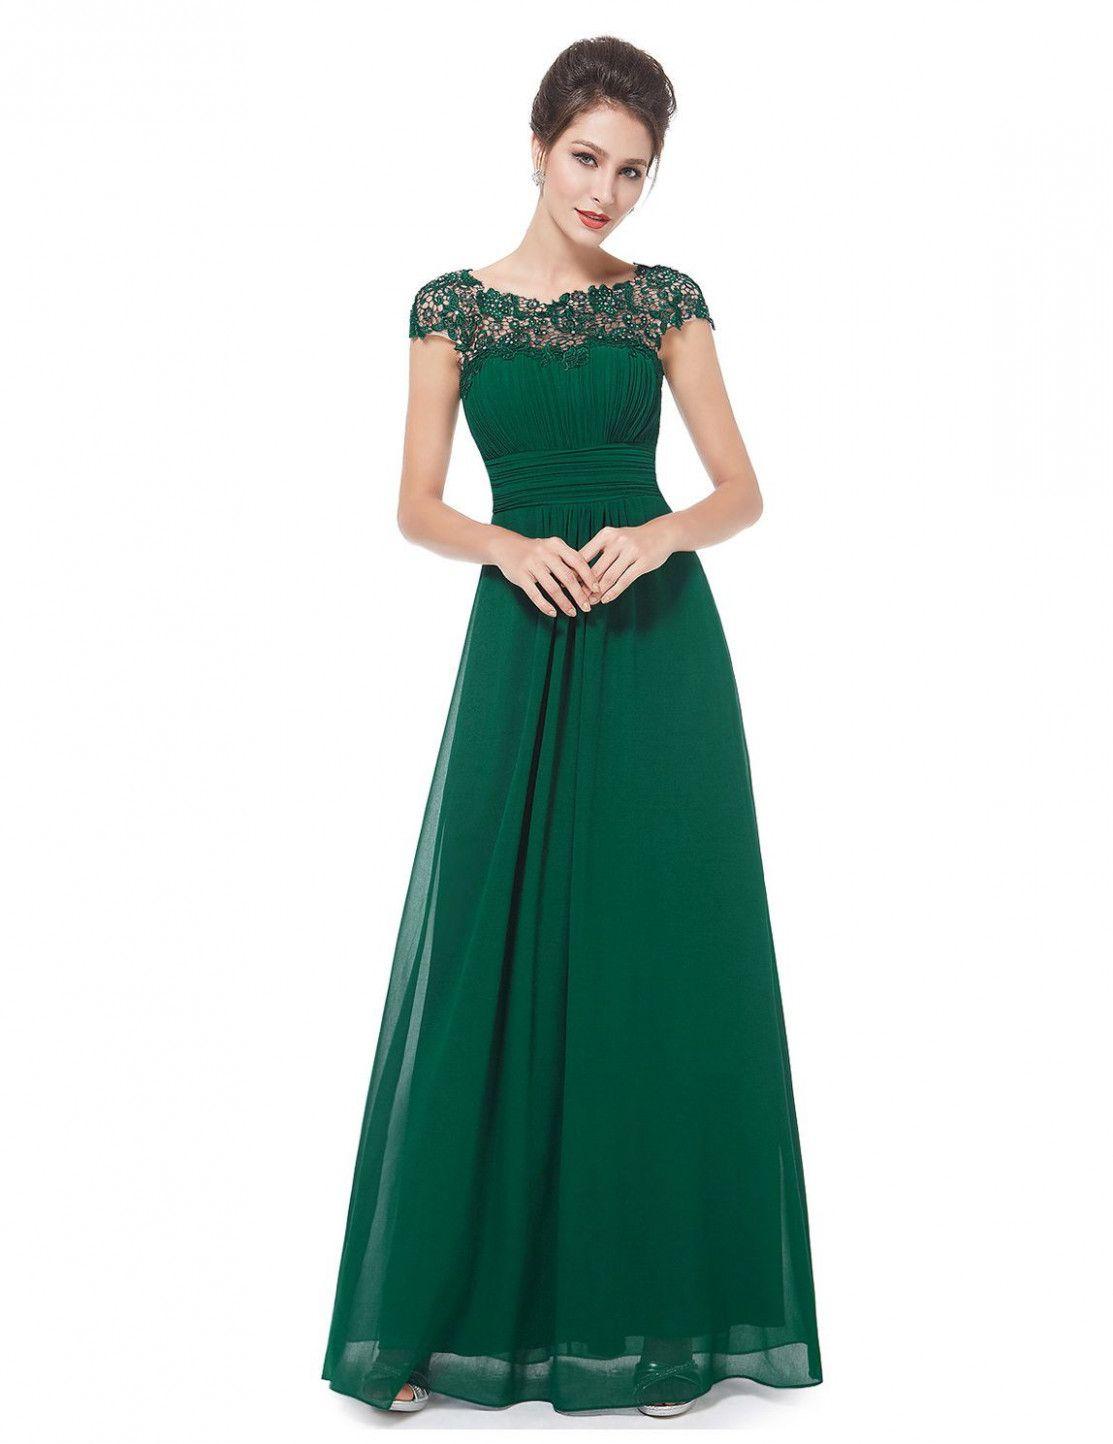 9 Kleid Grün Spitze in 9  Abendkleid, Abendkleid grün, Kleider